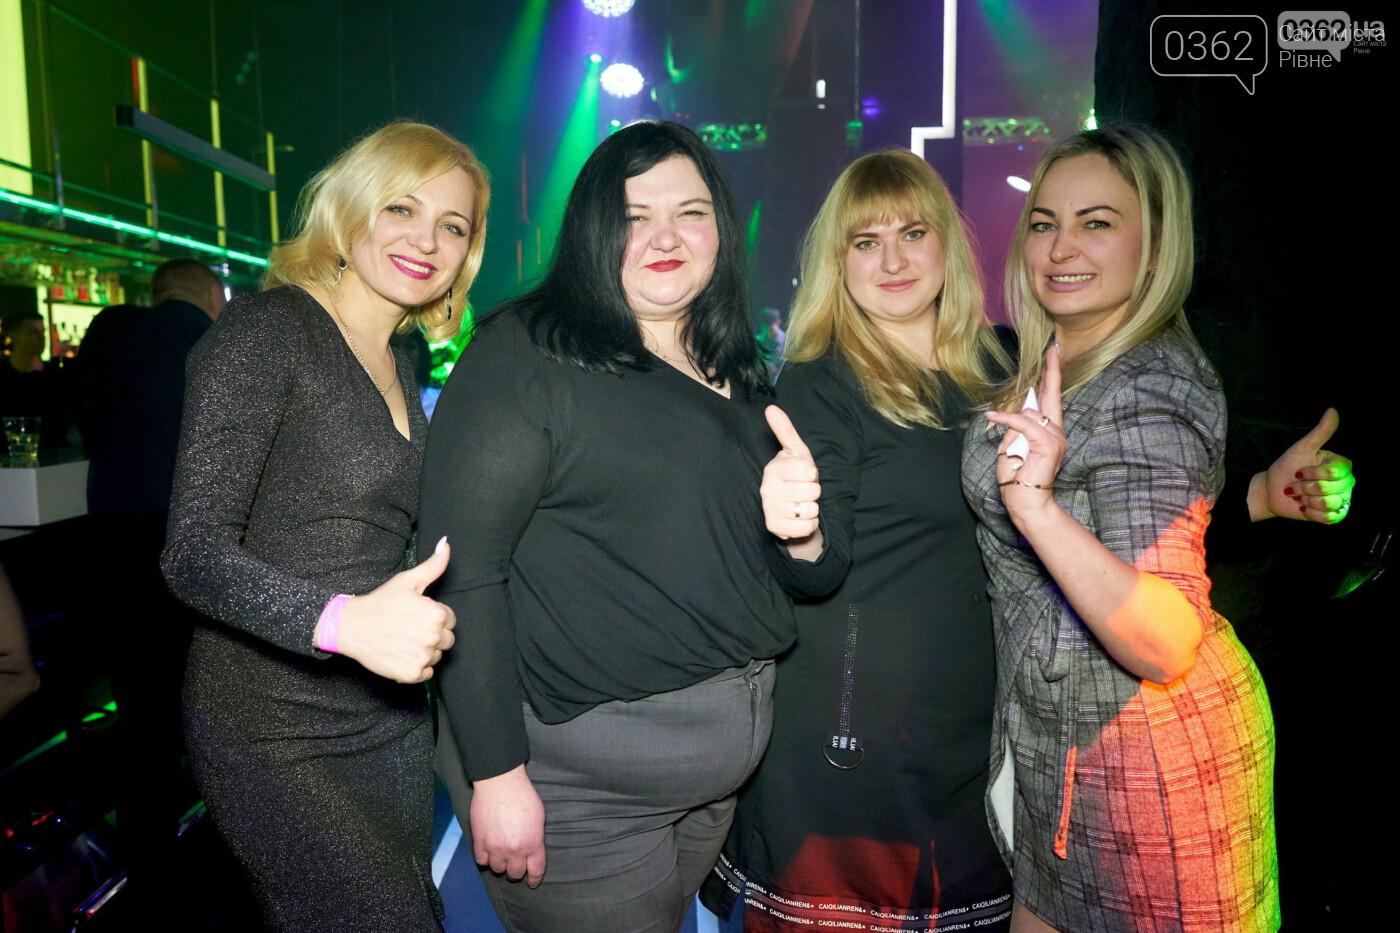 Весняний фотоконкурс від 0362.ua завершився яскравою вечіркою для учасниць (ФОТО) , фото-13